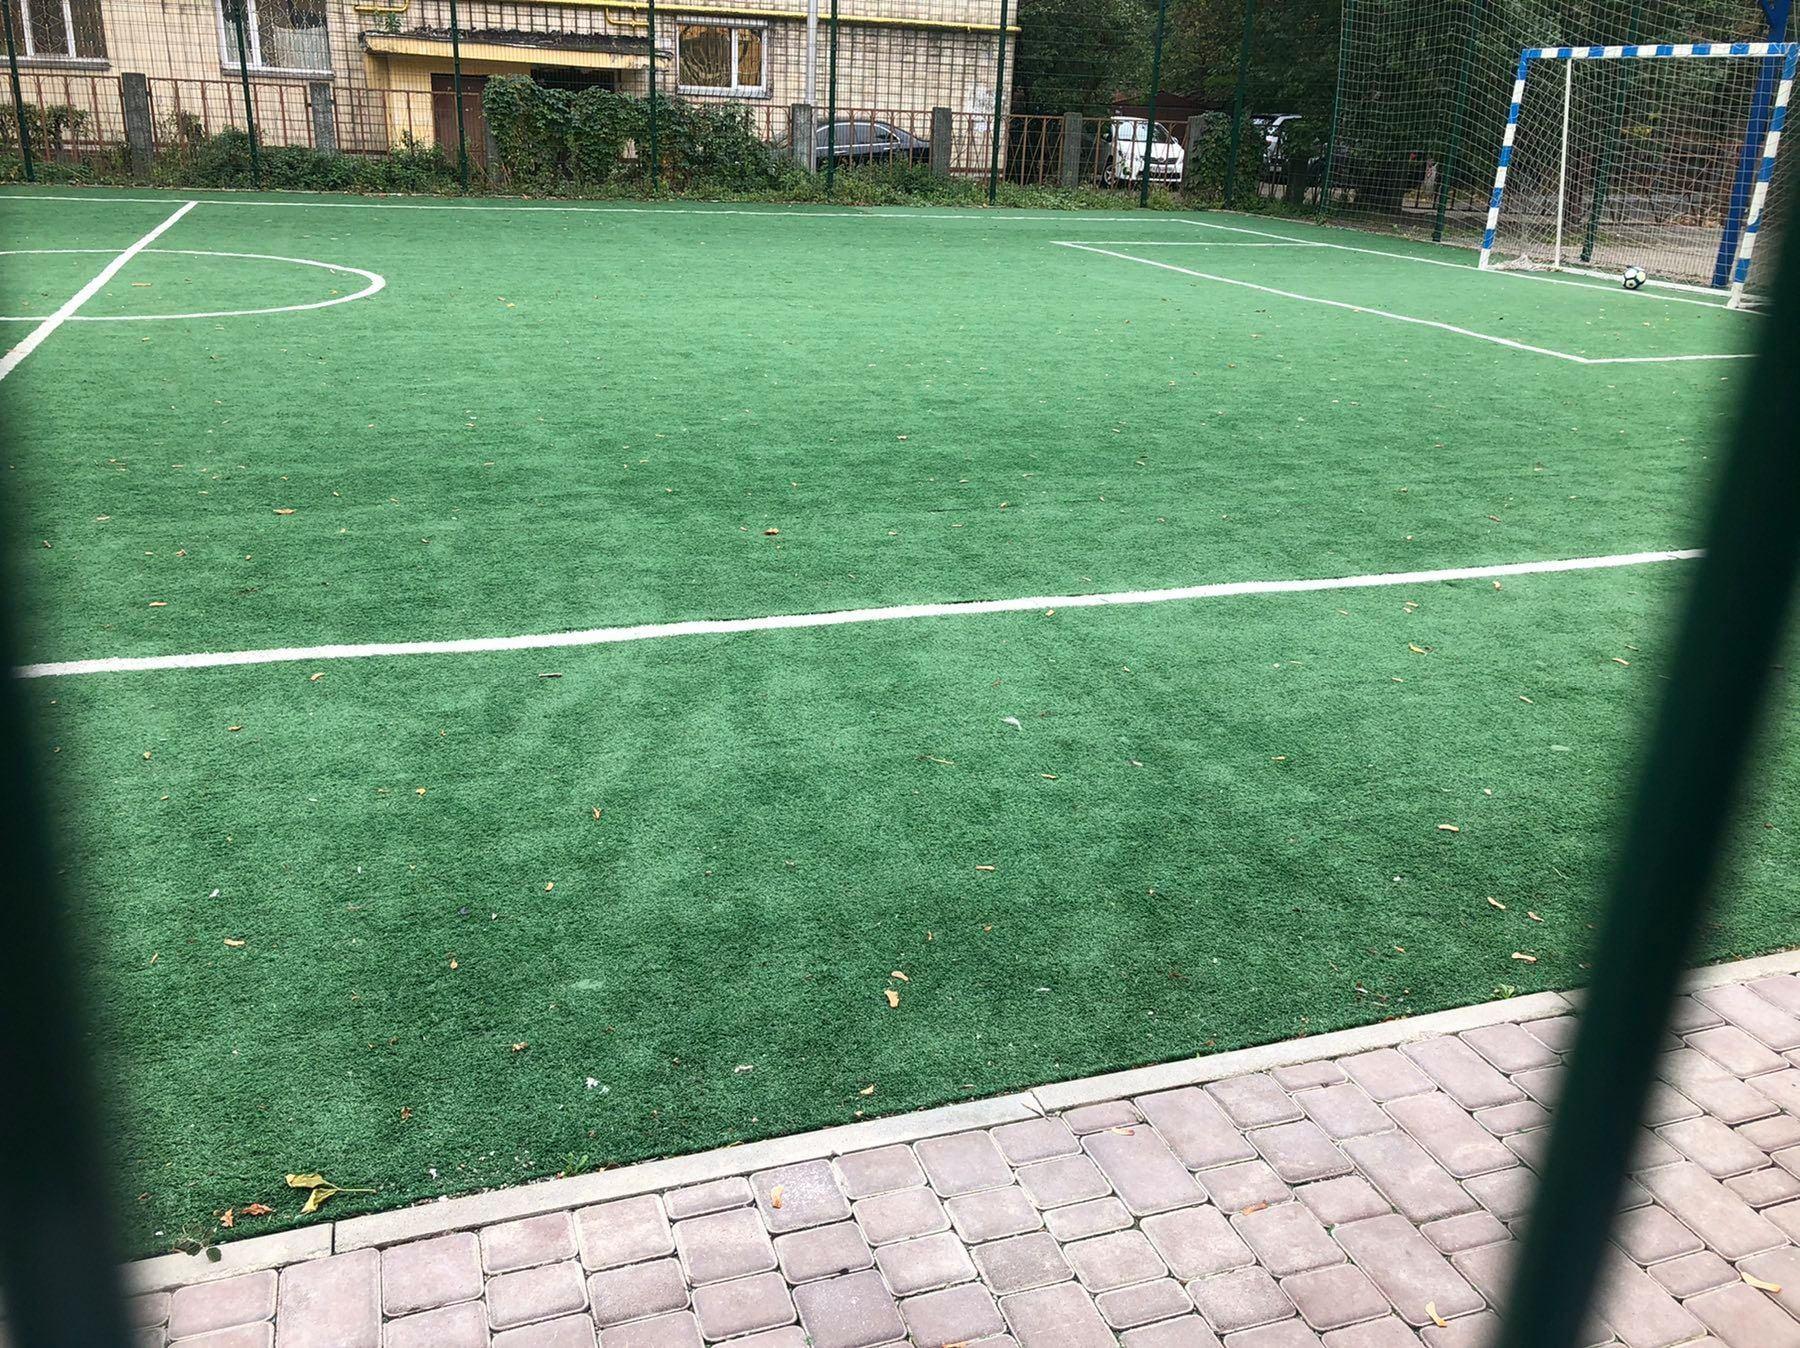 Grasser взял на обслуживание спортивные площадки